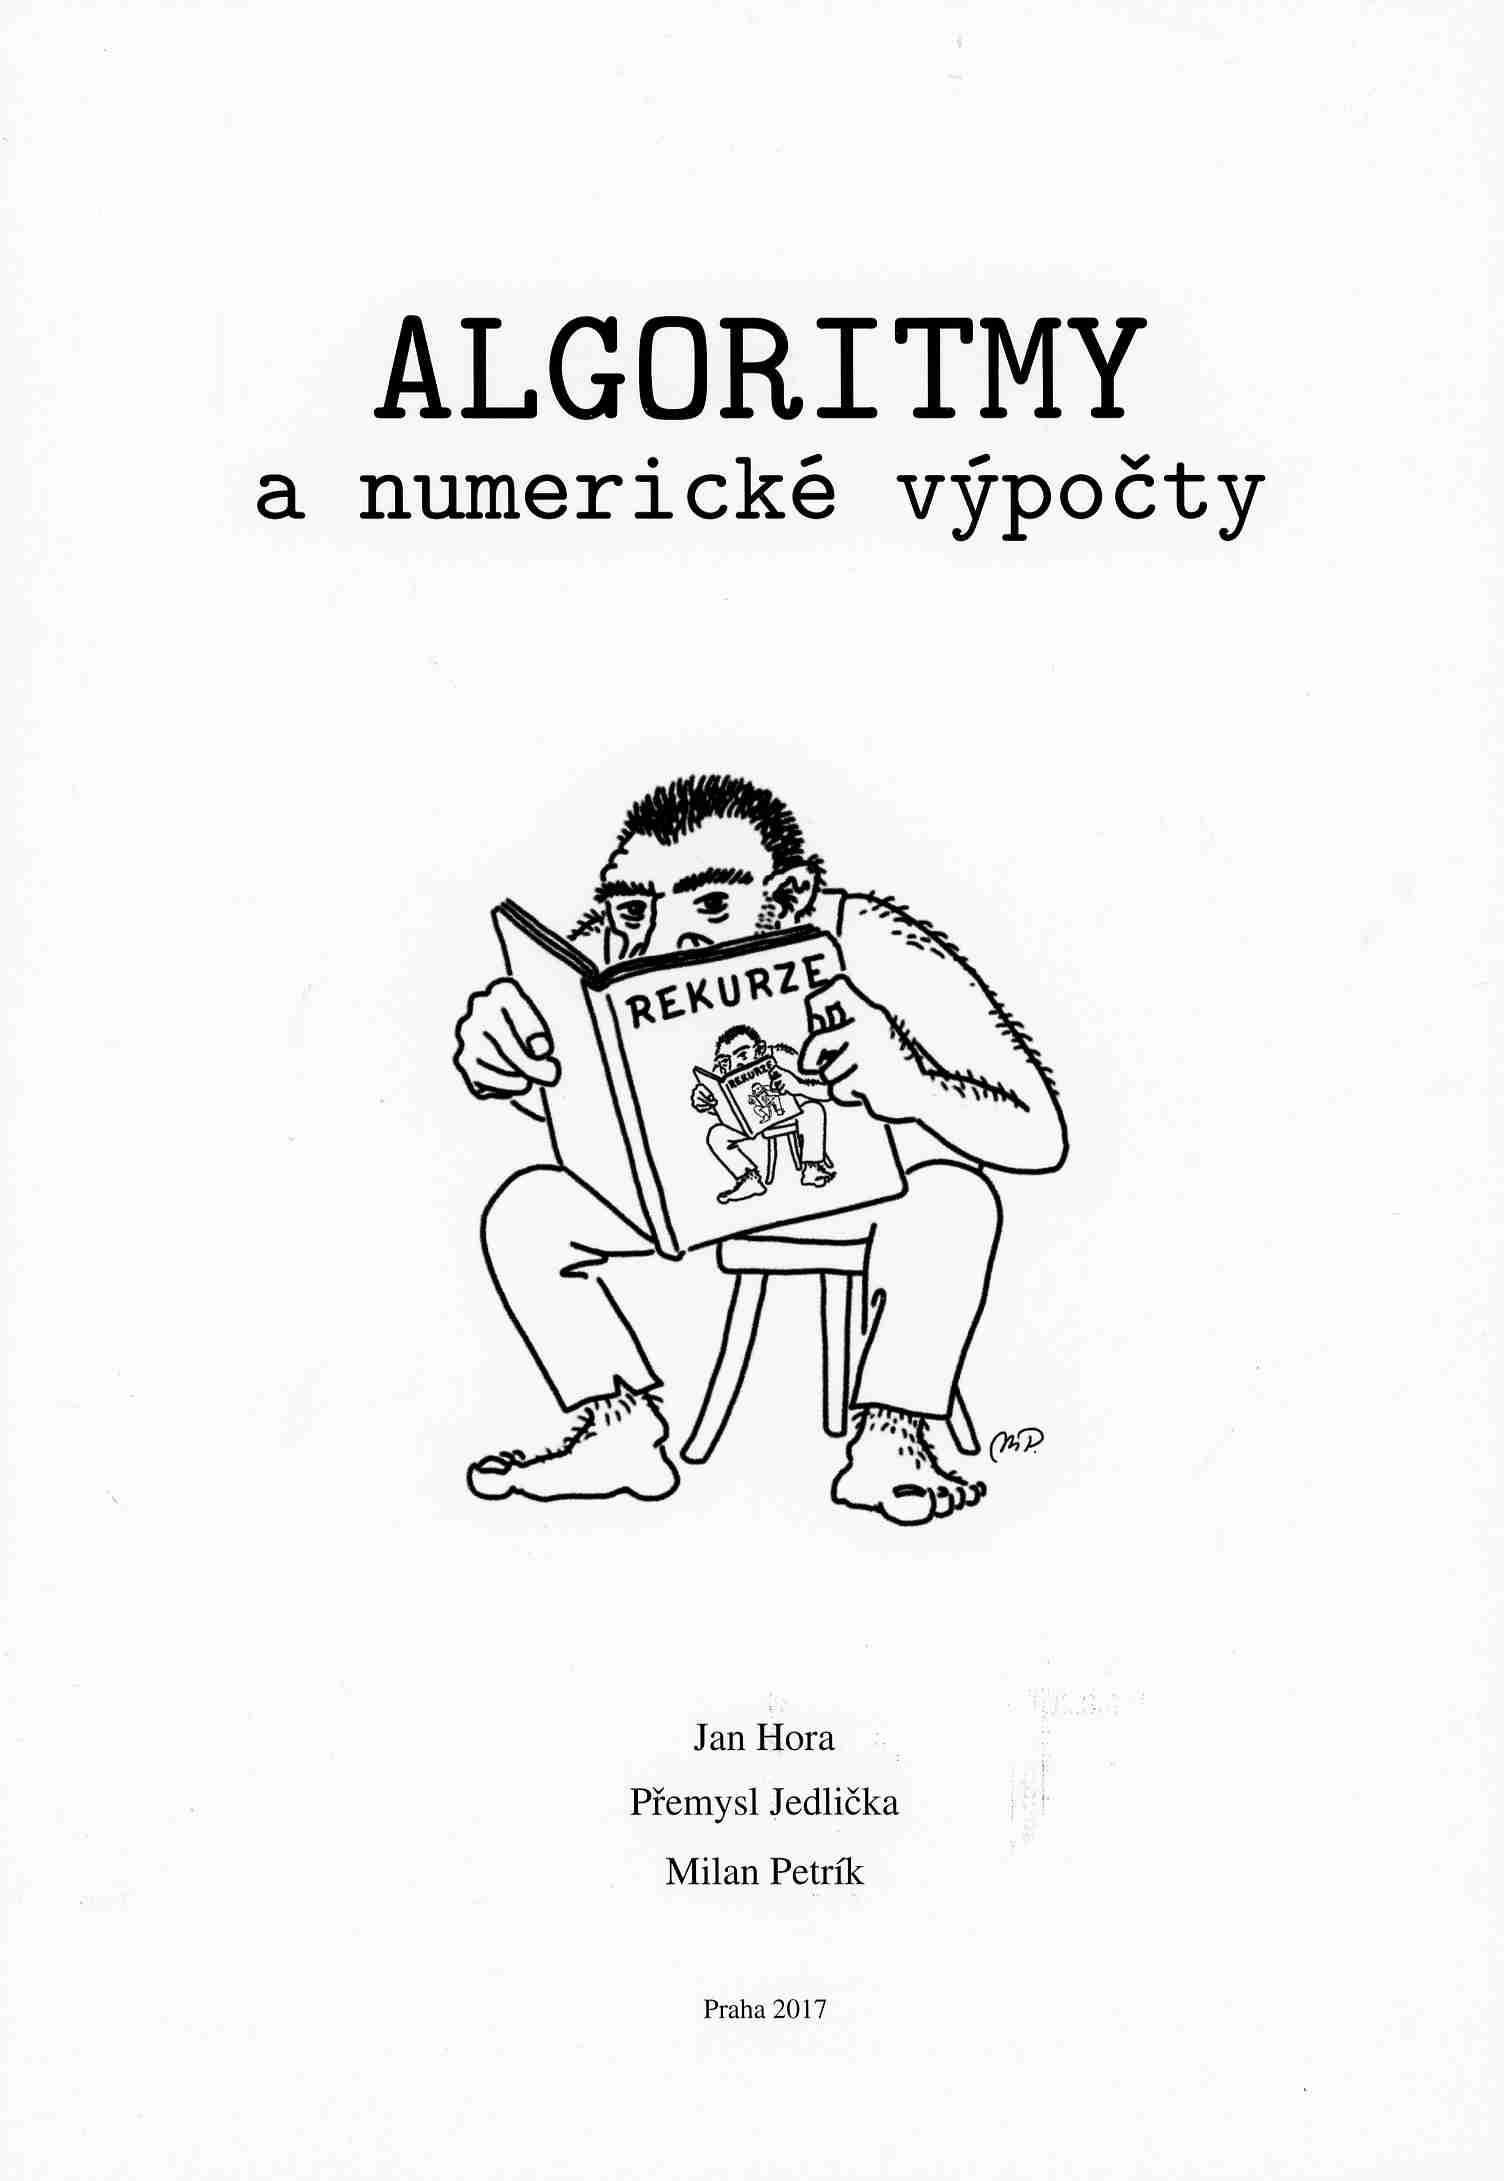 Algoritmy a numerické výpočty